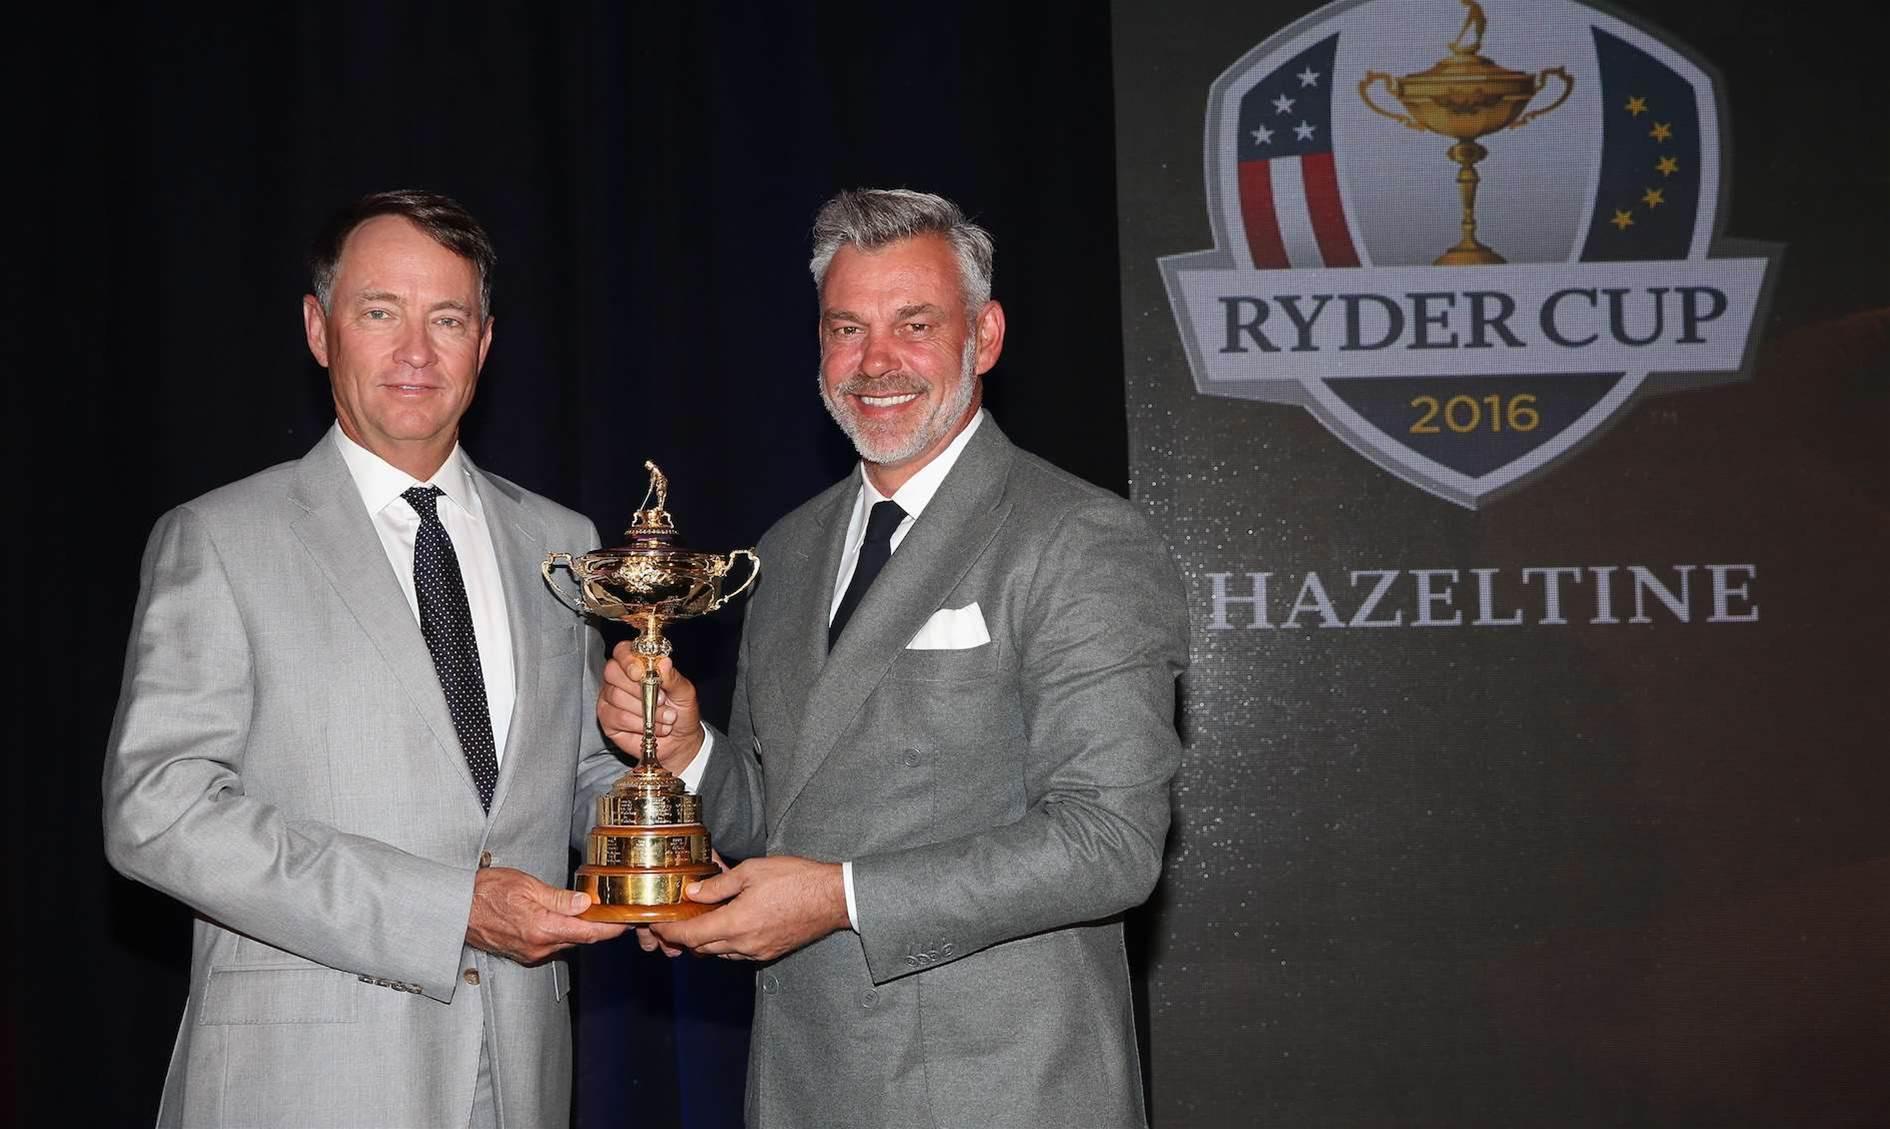 RYDER CUP: For God's sake let the matches begin